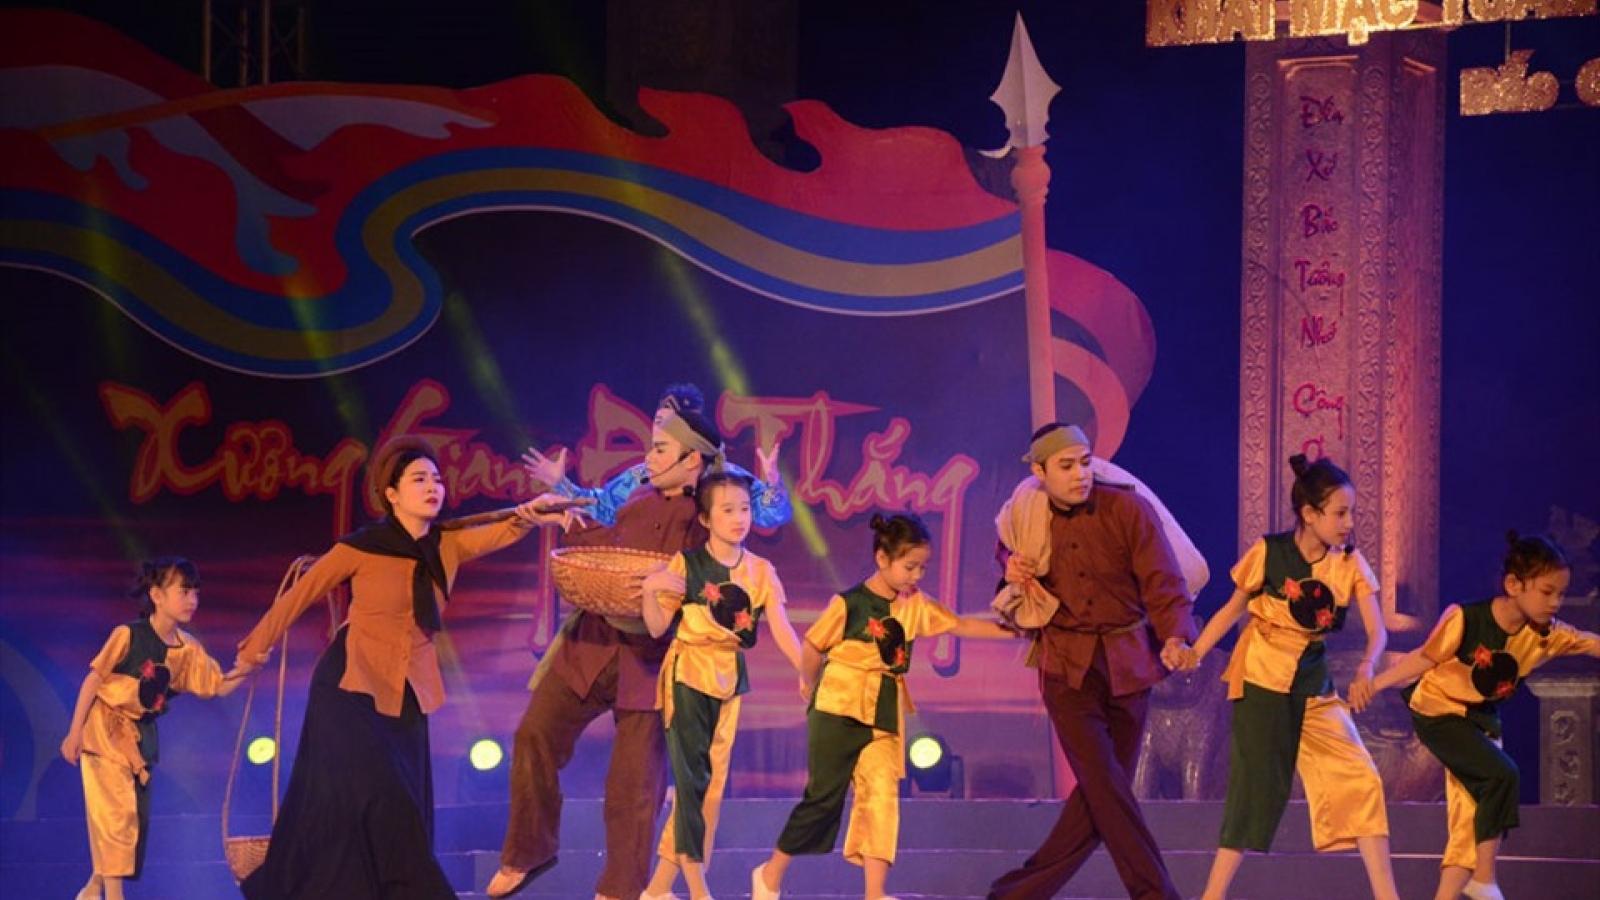 Bắc Giang: Dừng tất cả các hoạt động lễ hội, văn hoá, thể thao, giải trí